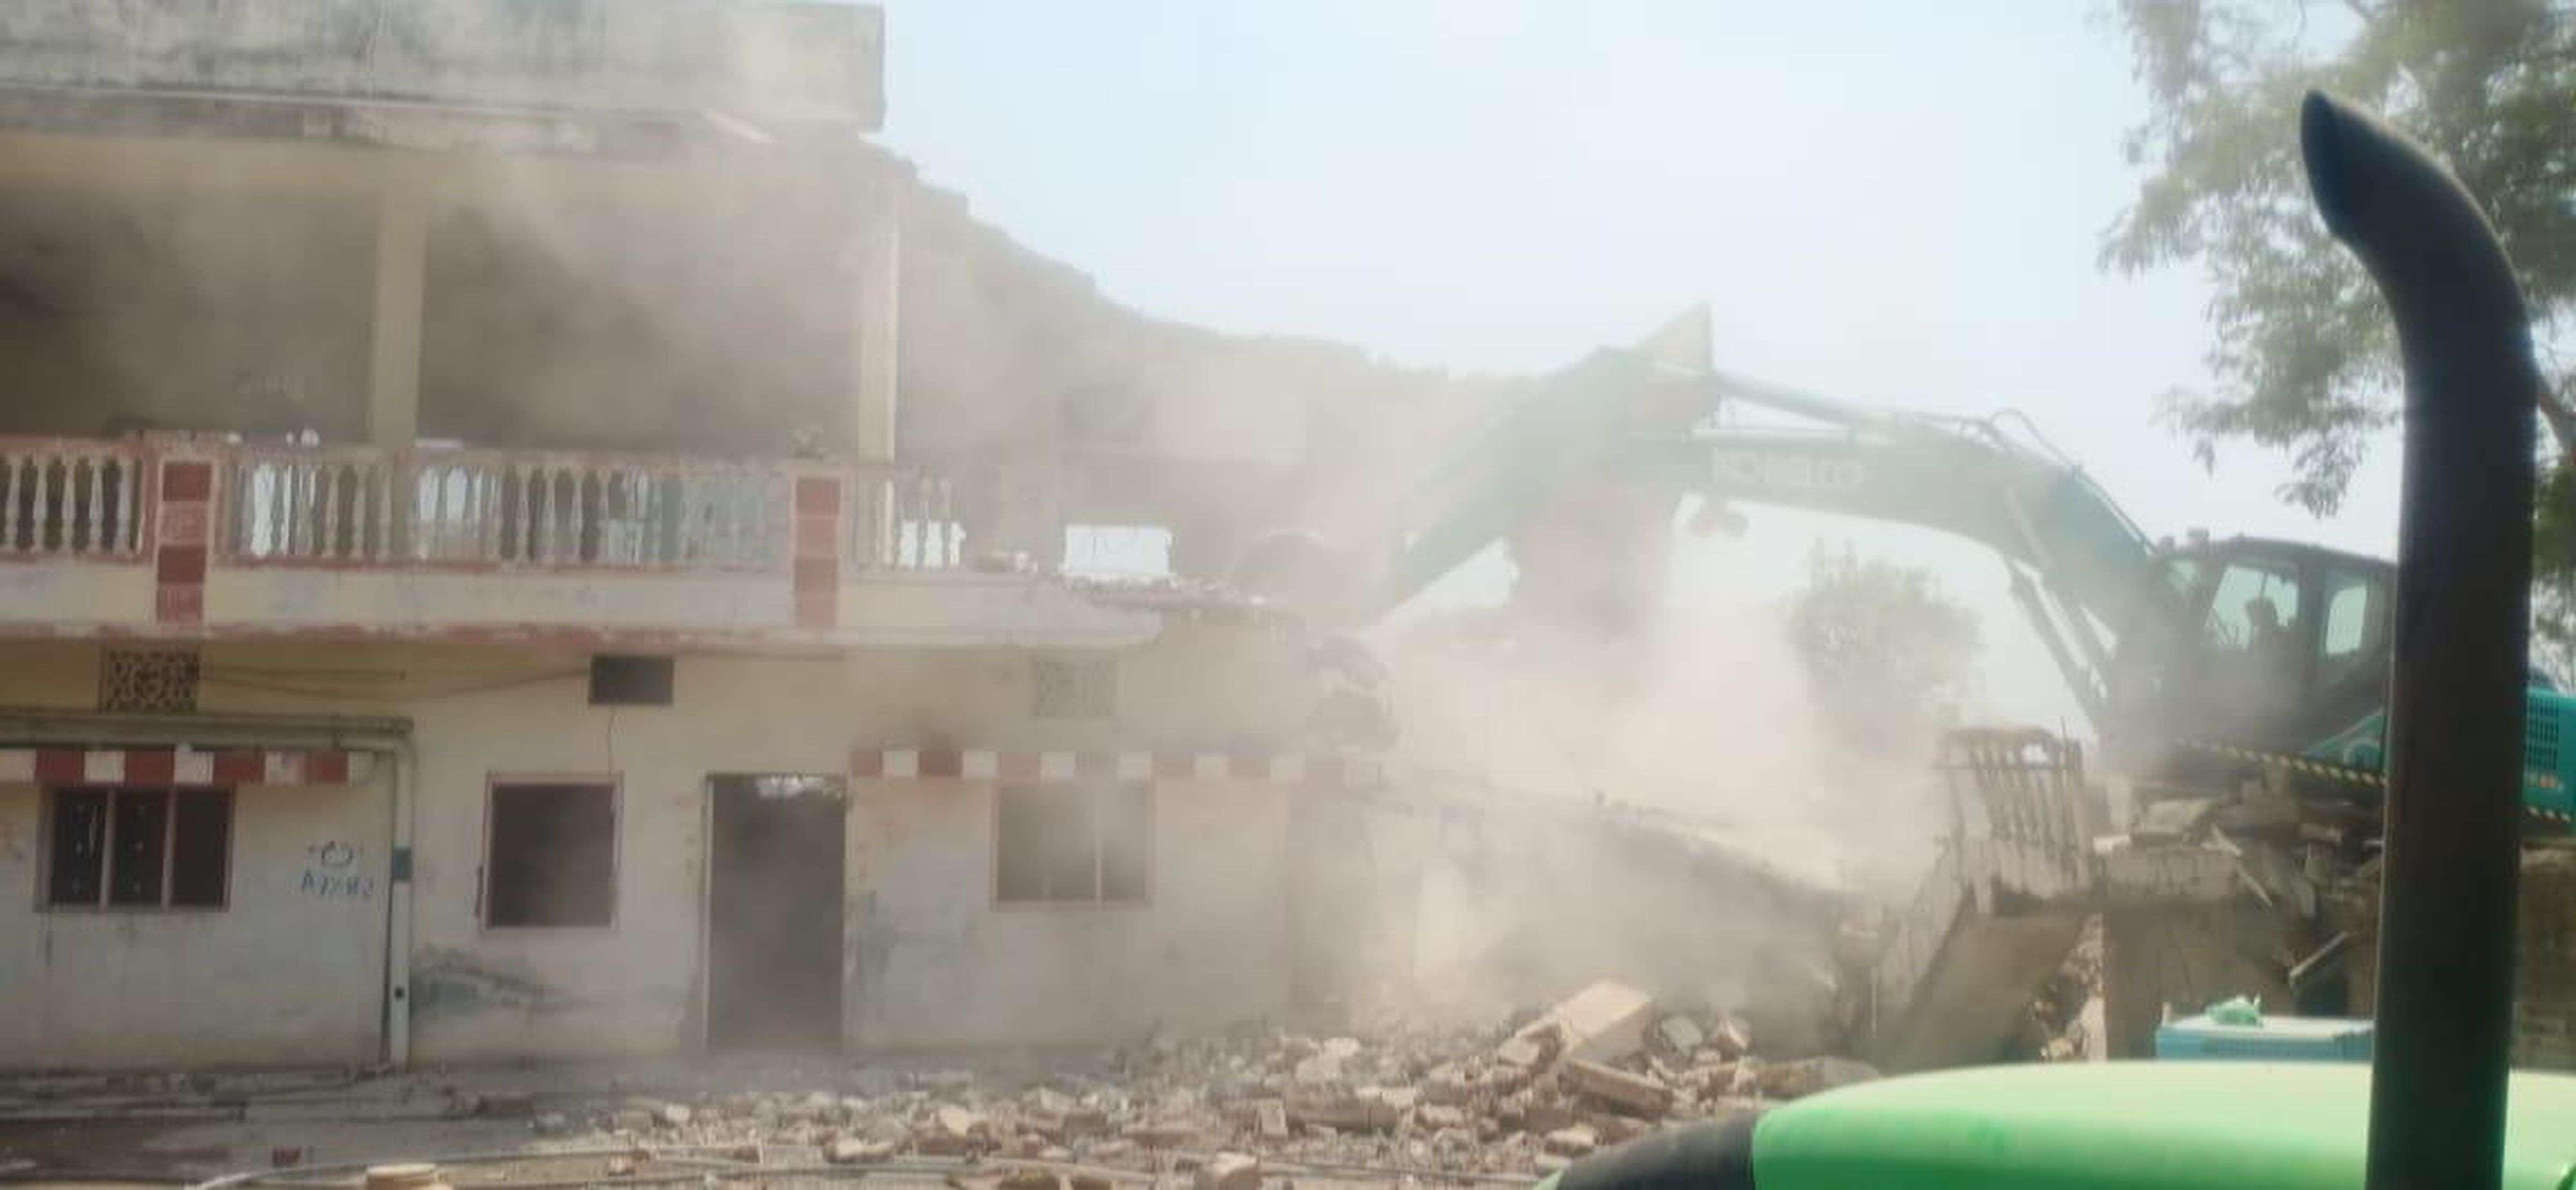 VIDEO प्रशासन ने तोडे 59 से अधिक मकान, अब बनकर तैयार होगा हाई स्पीड ट्रैक